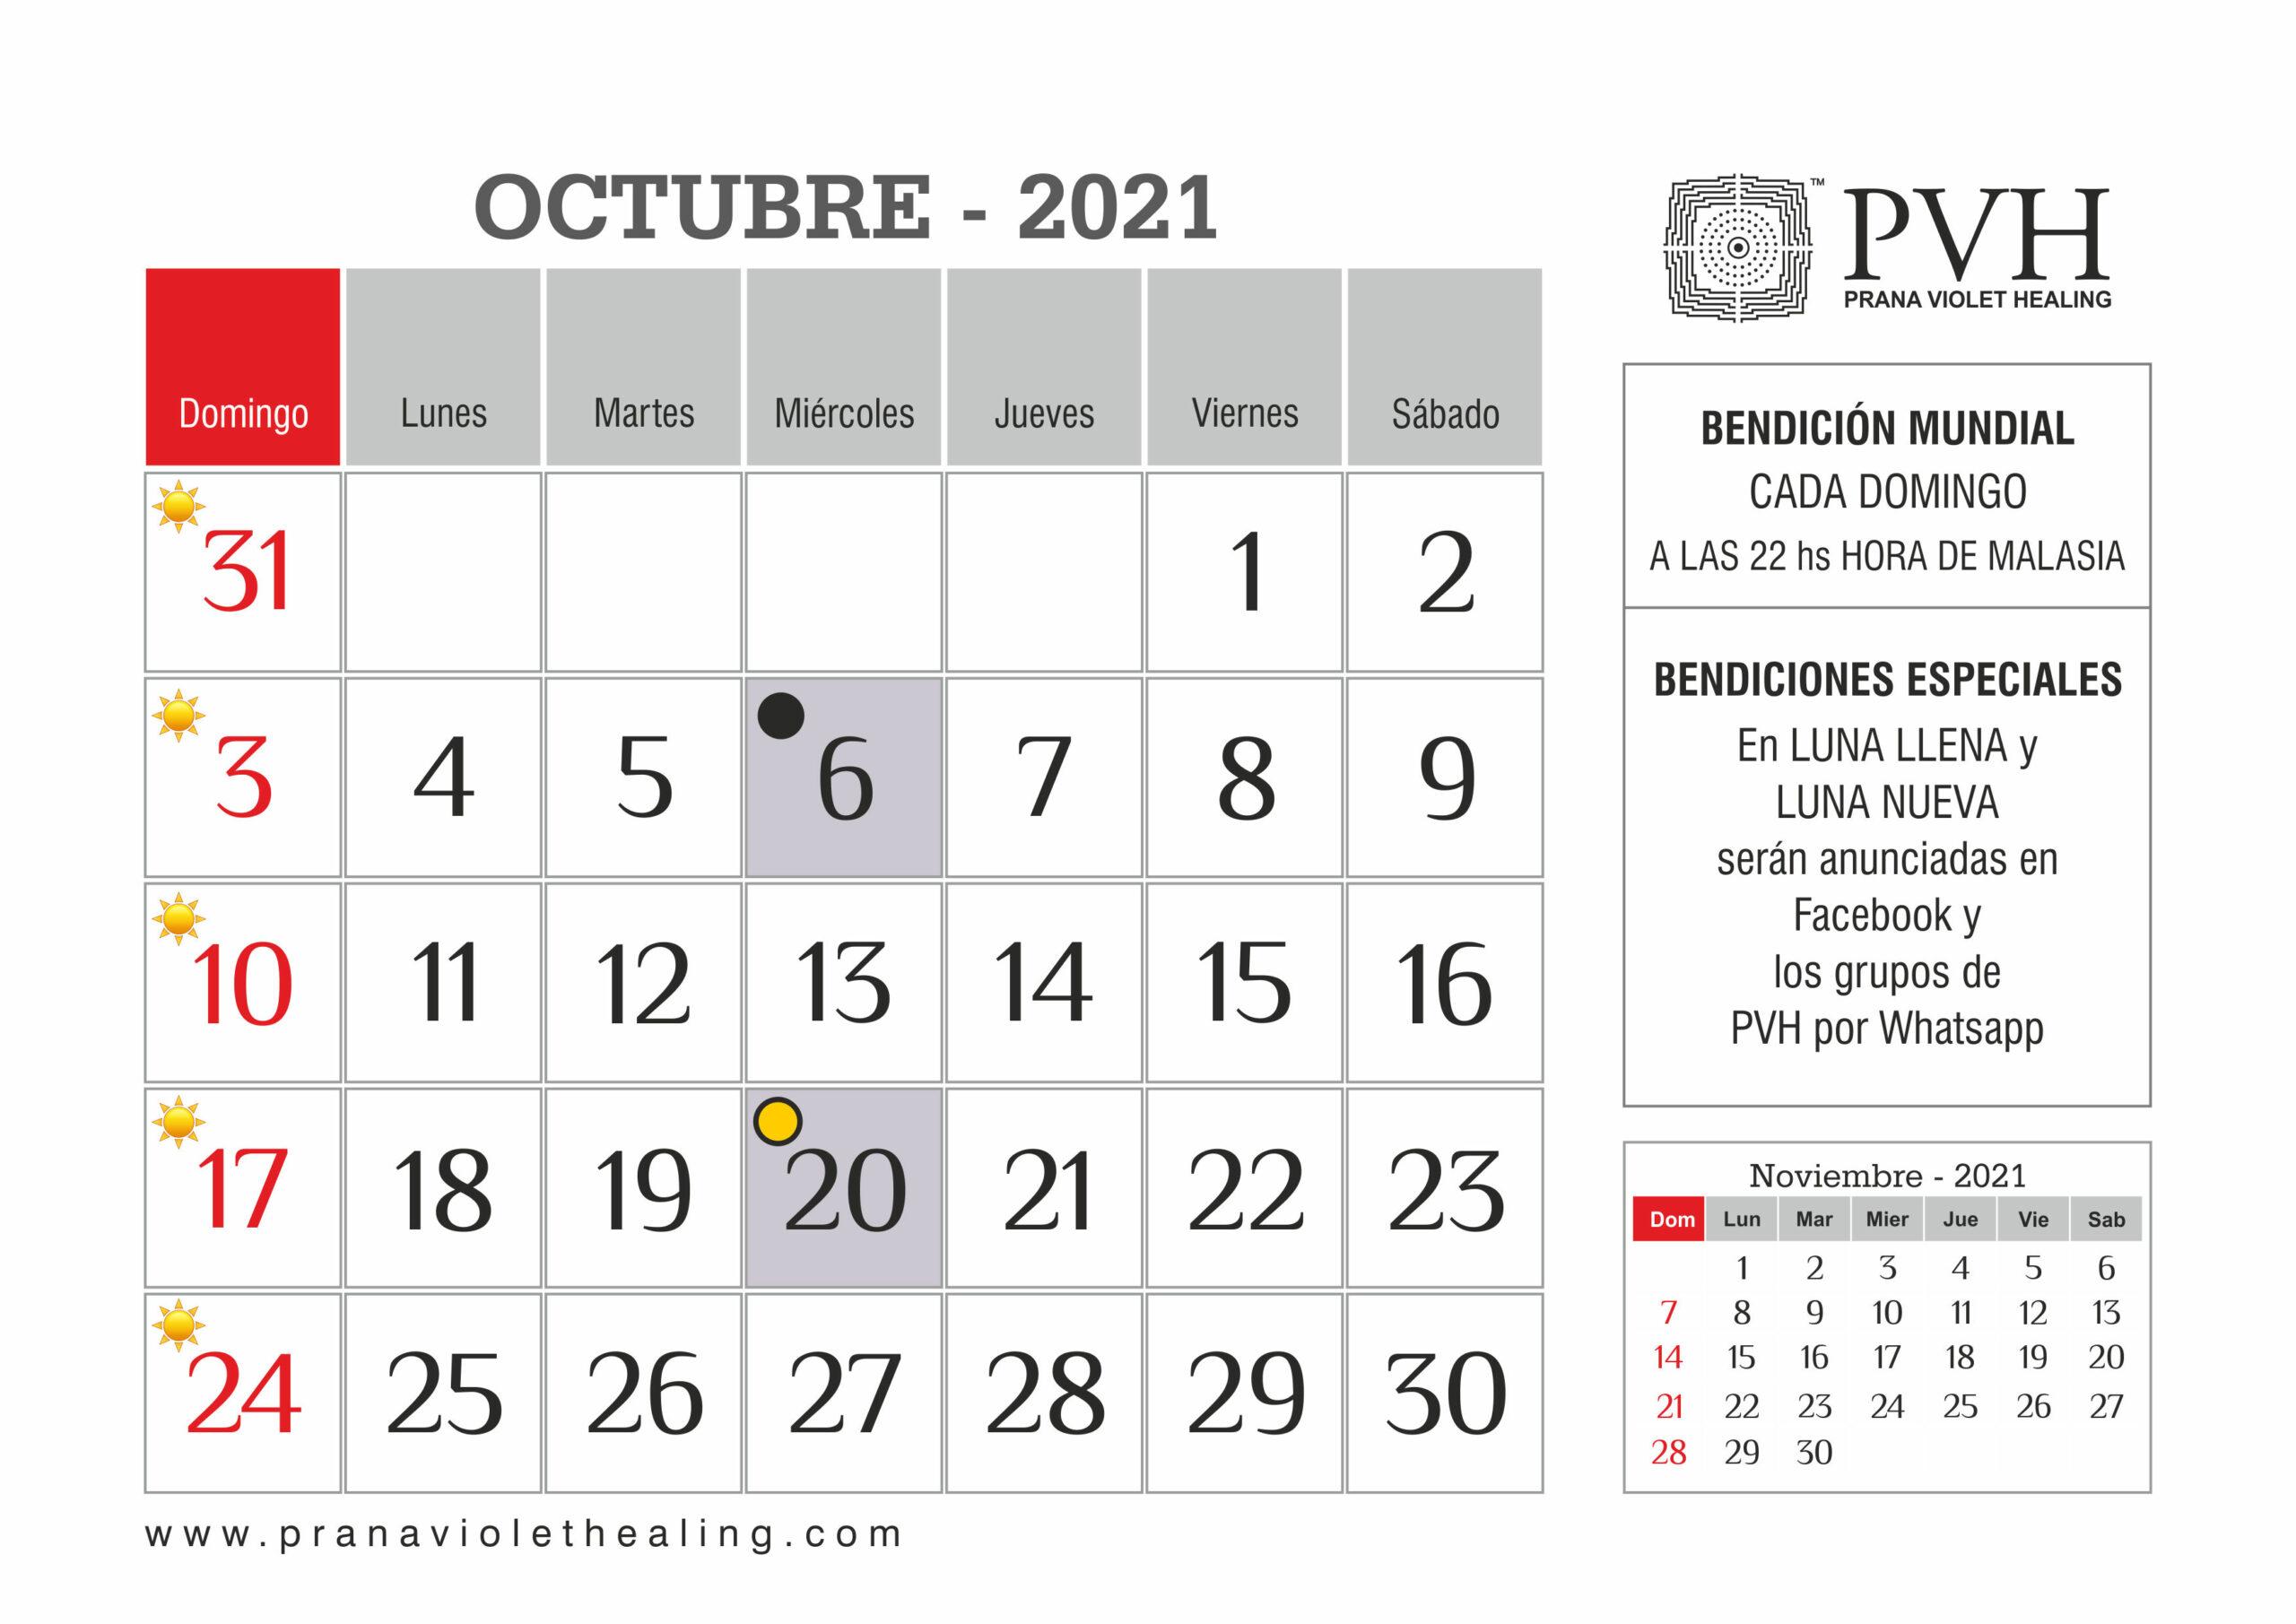 22 Oct 2